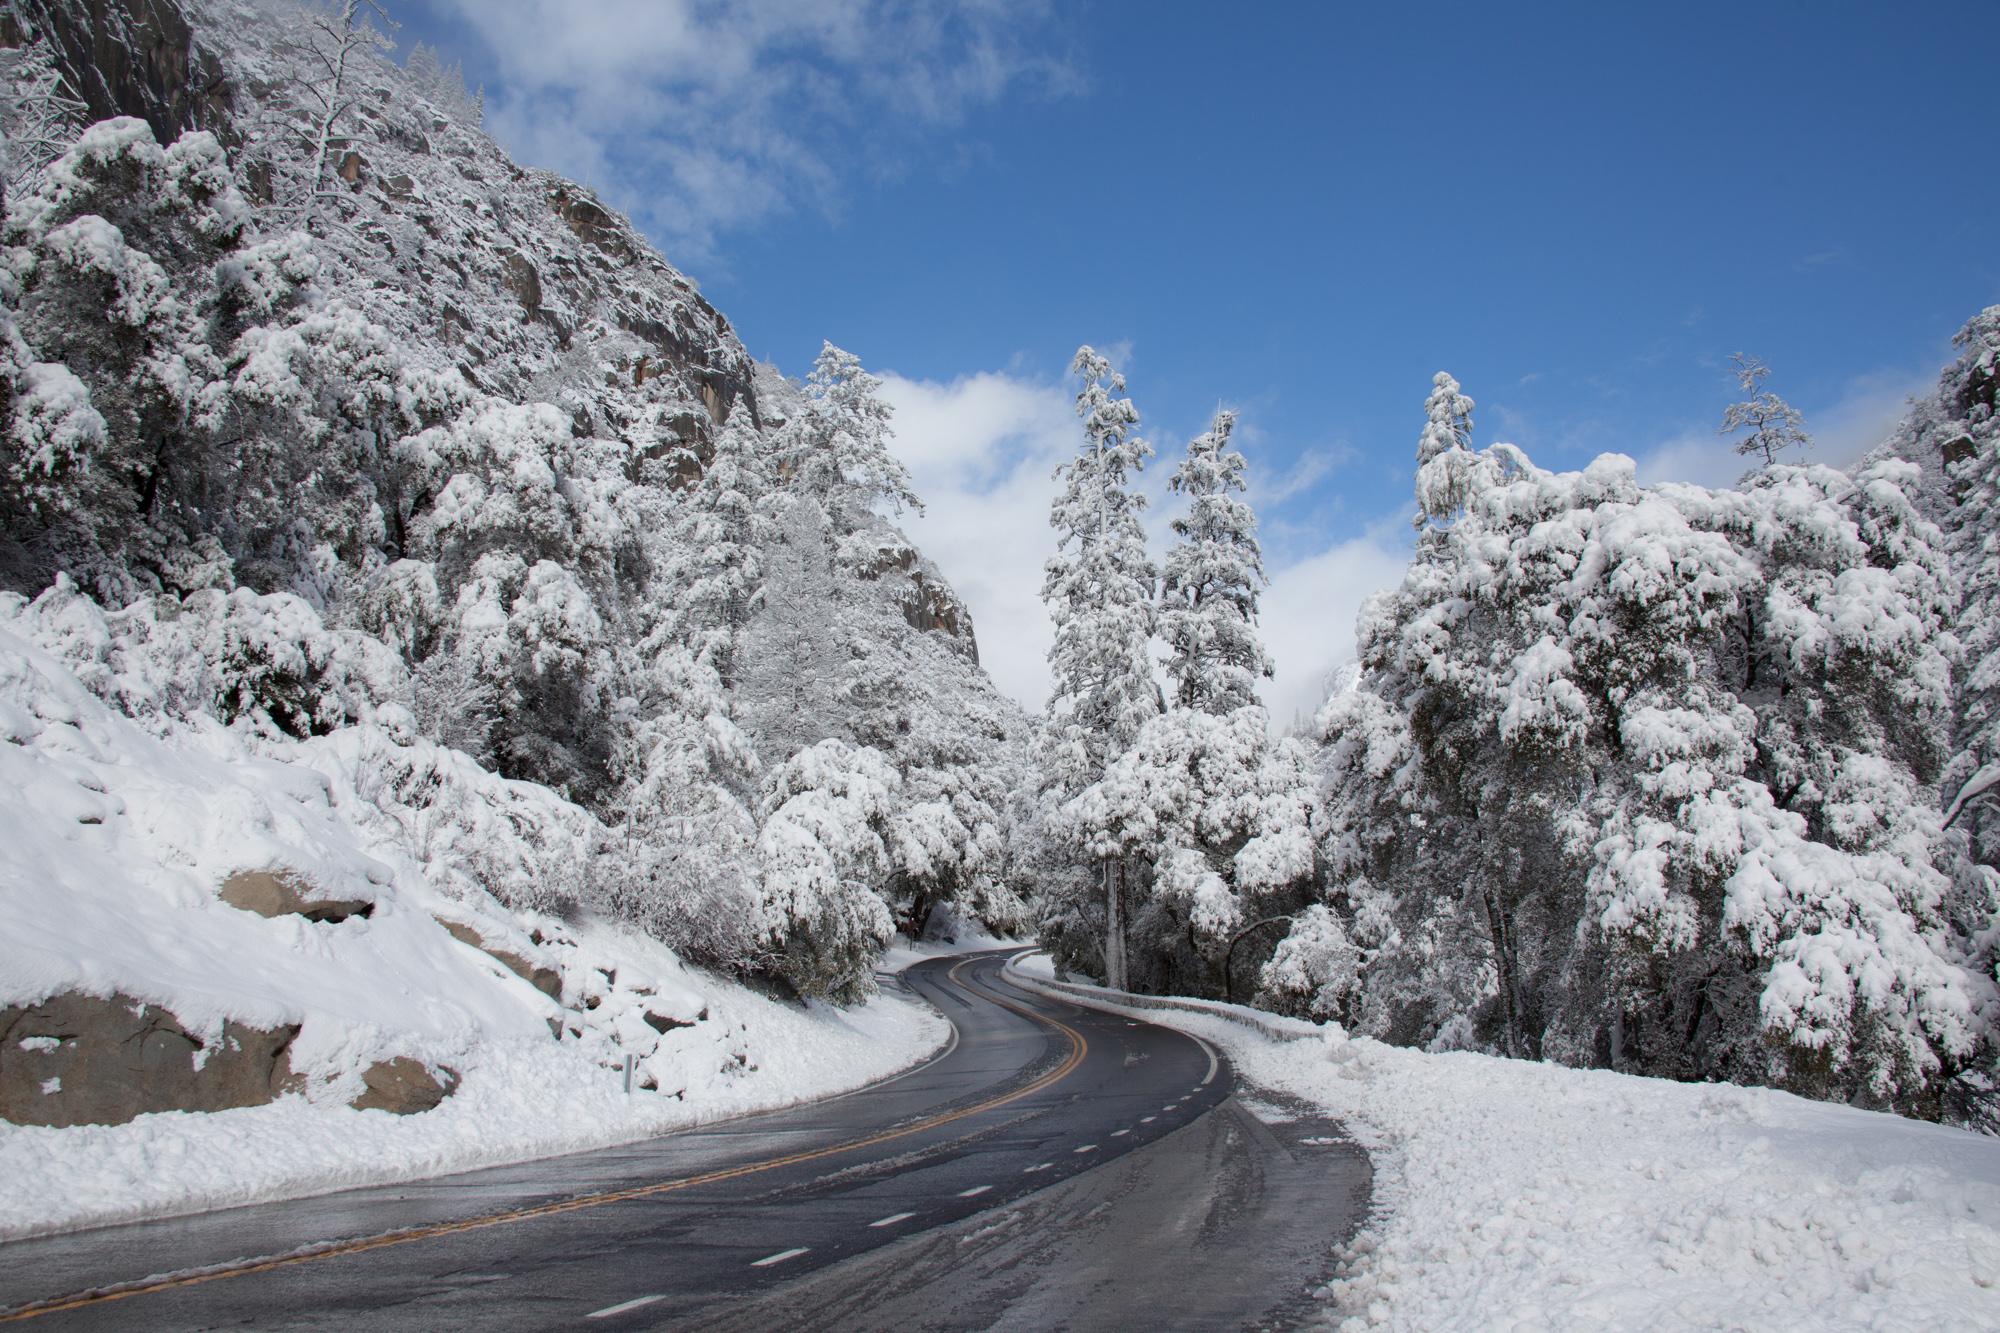 2019-02 Yosemite-29.jpg